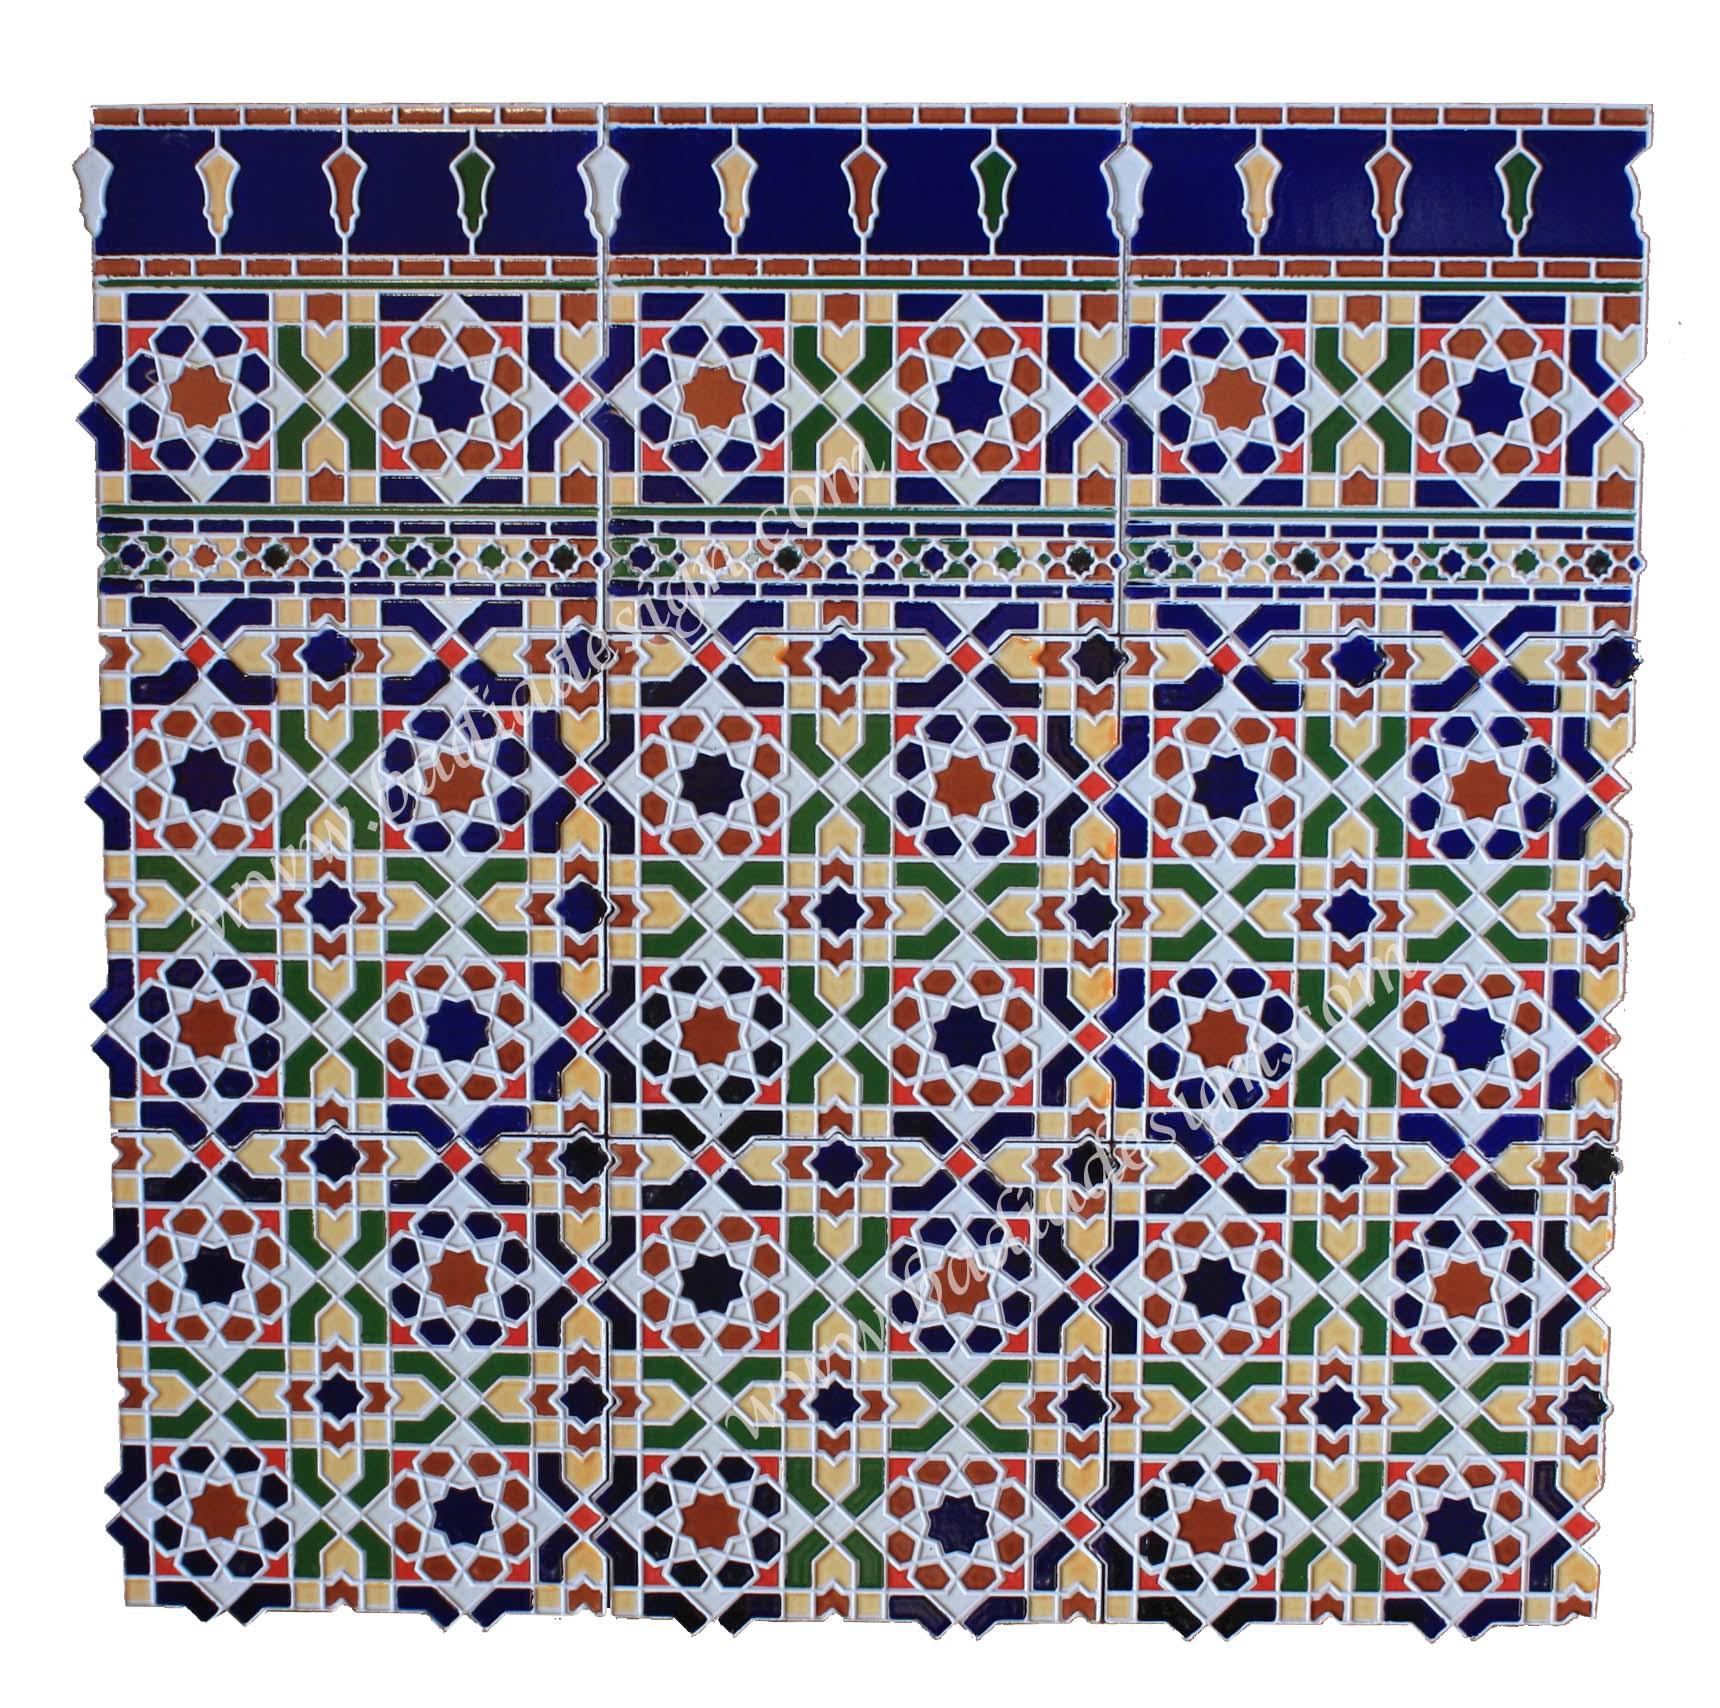 moroccan-ceramic-wall-fez-tile-ft015-1-1.jpg